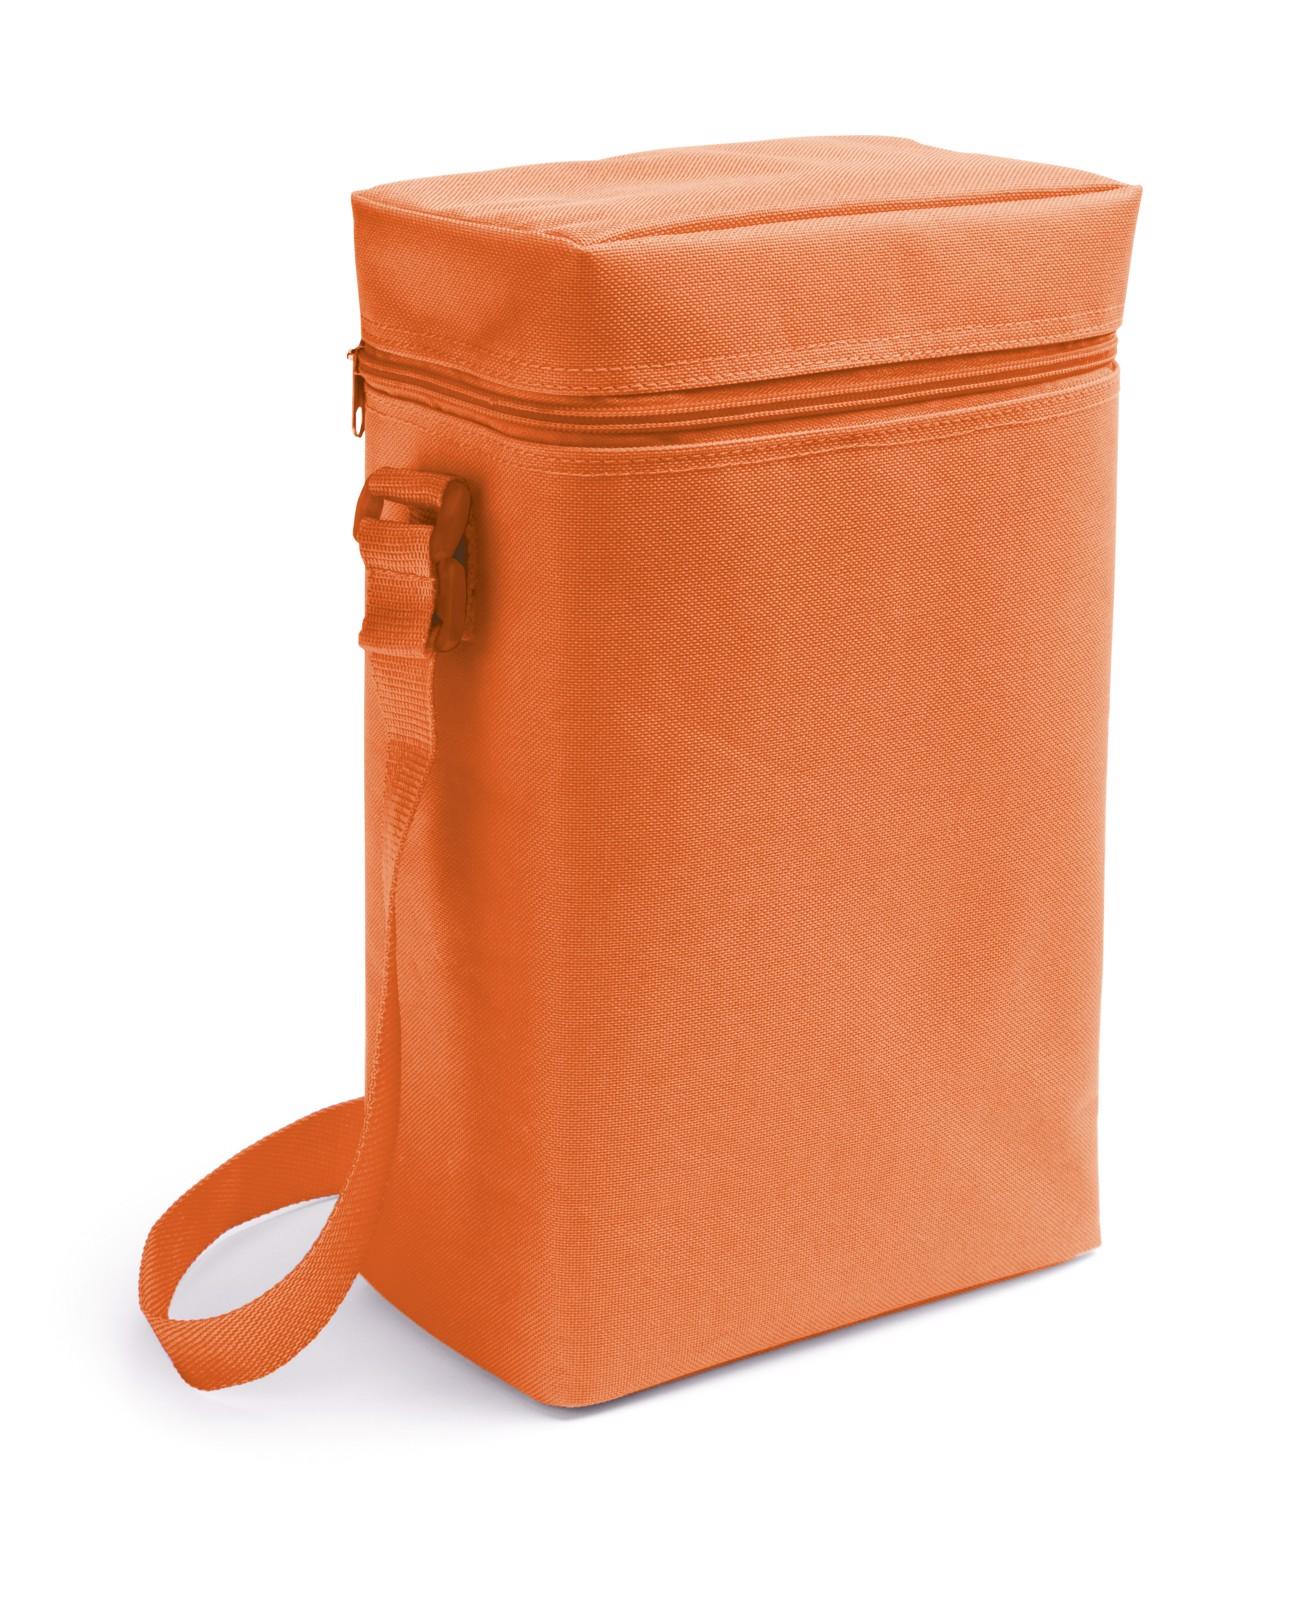 JAKARTA. Chladicí taška - Oranžová